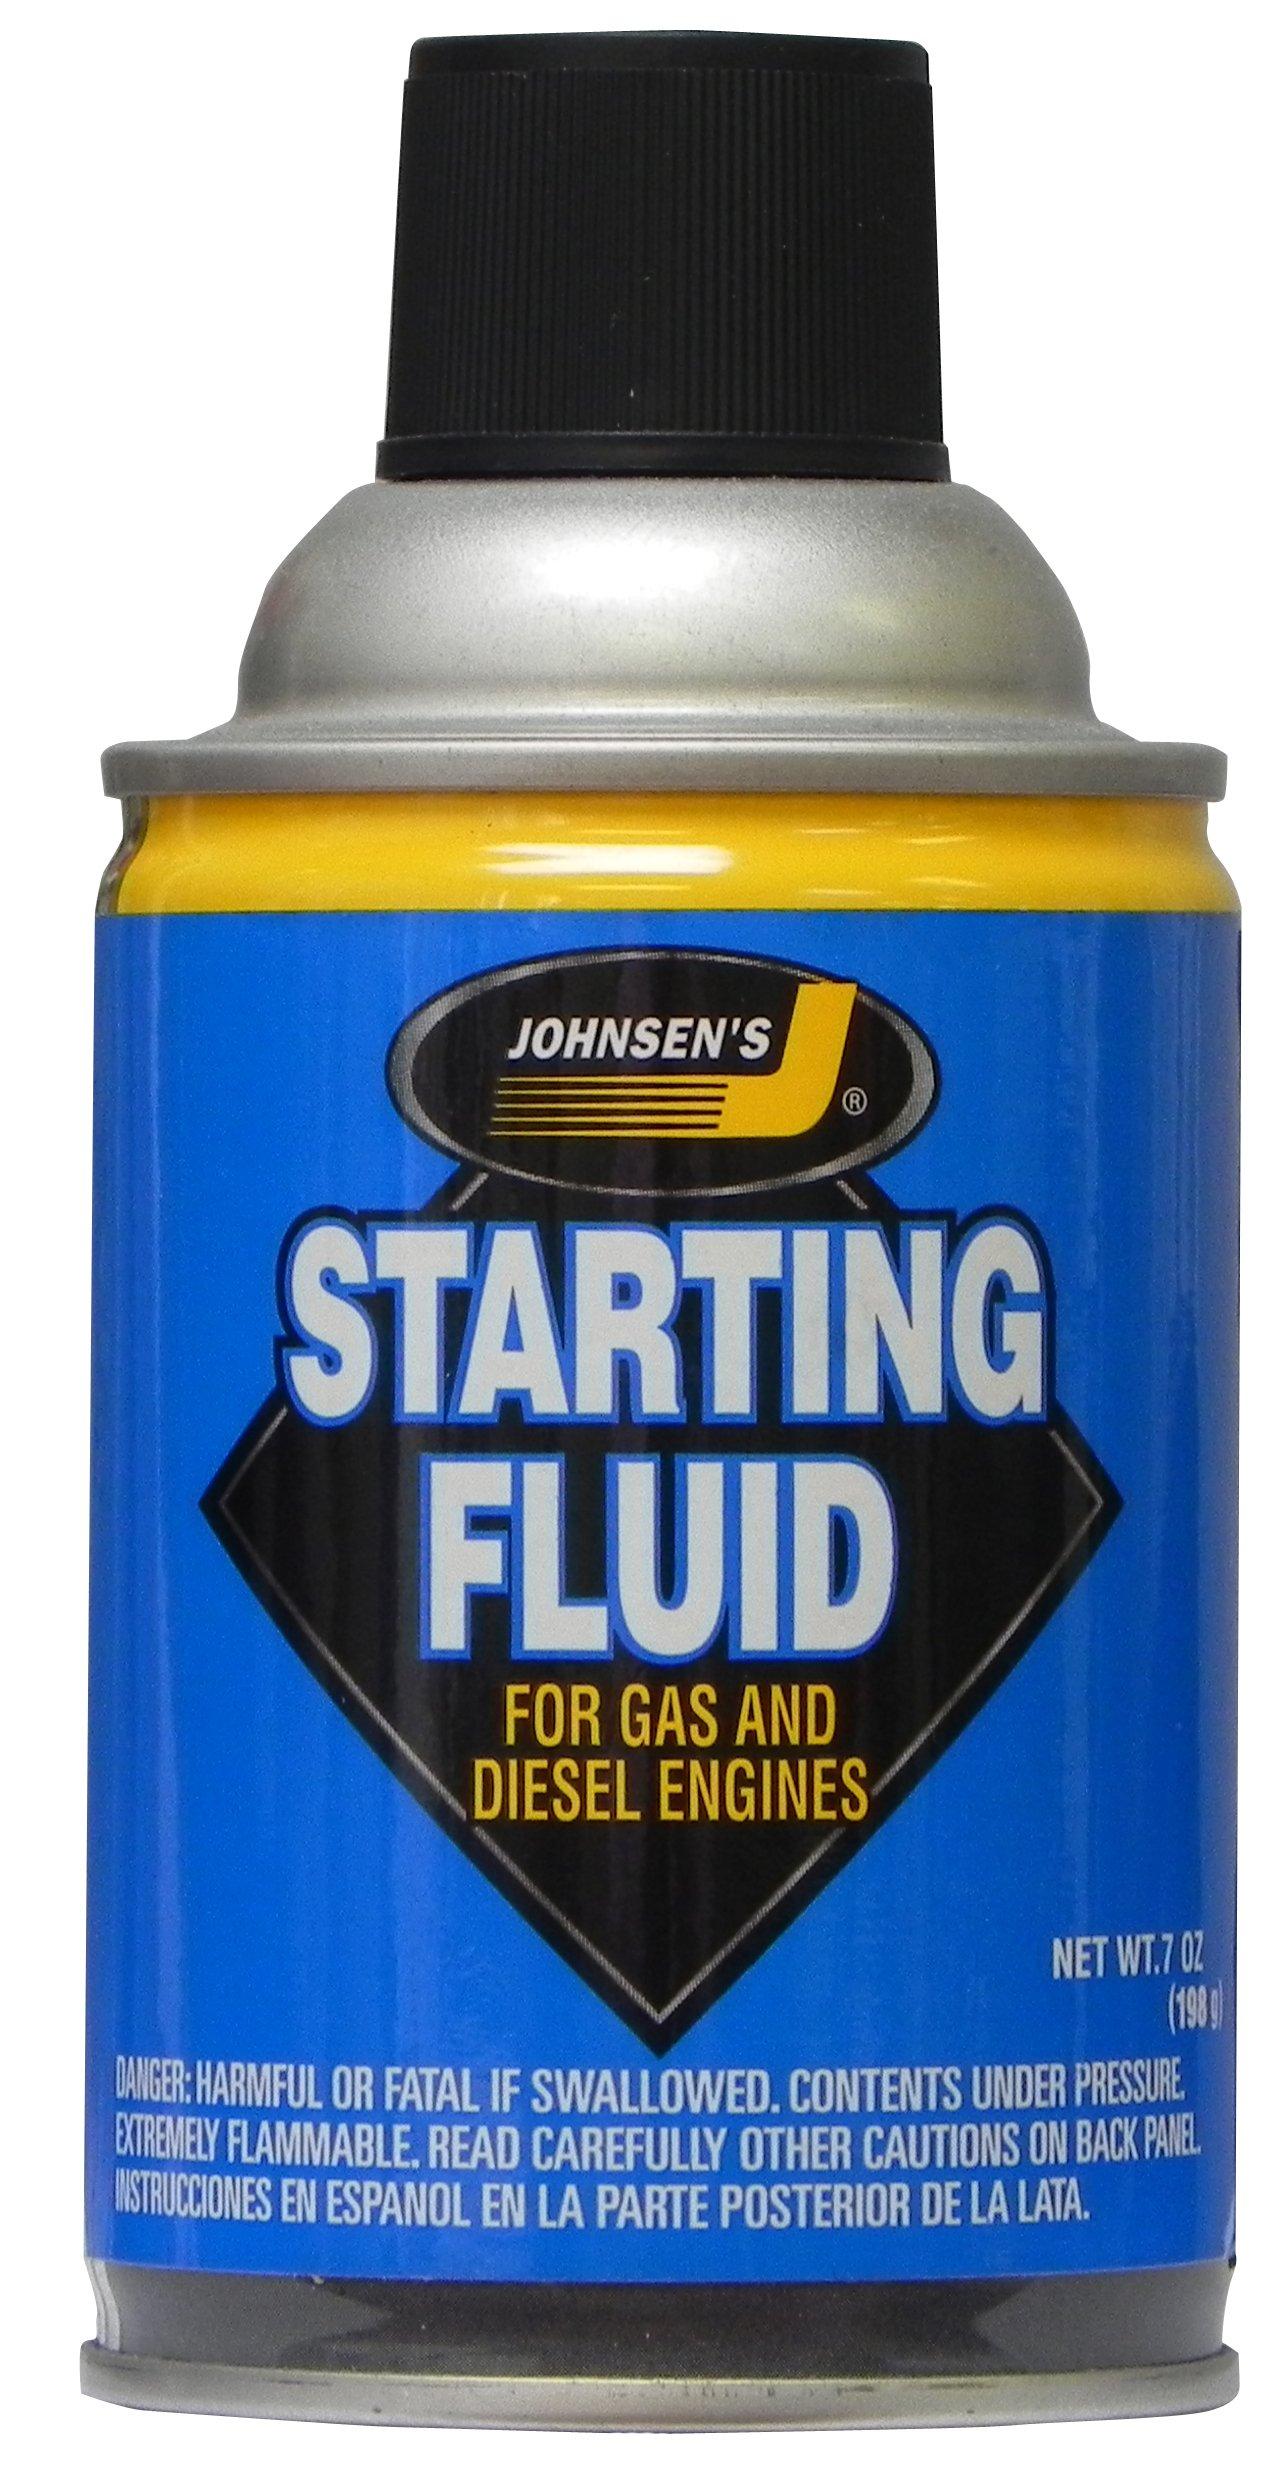 Johnsen's 6733-12PK Starting Fluid - 7 oz., (Pack of 12) by Johnsen's